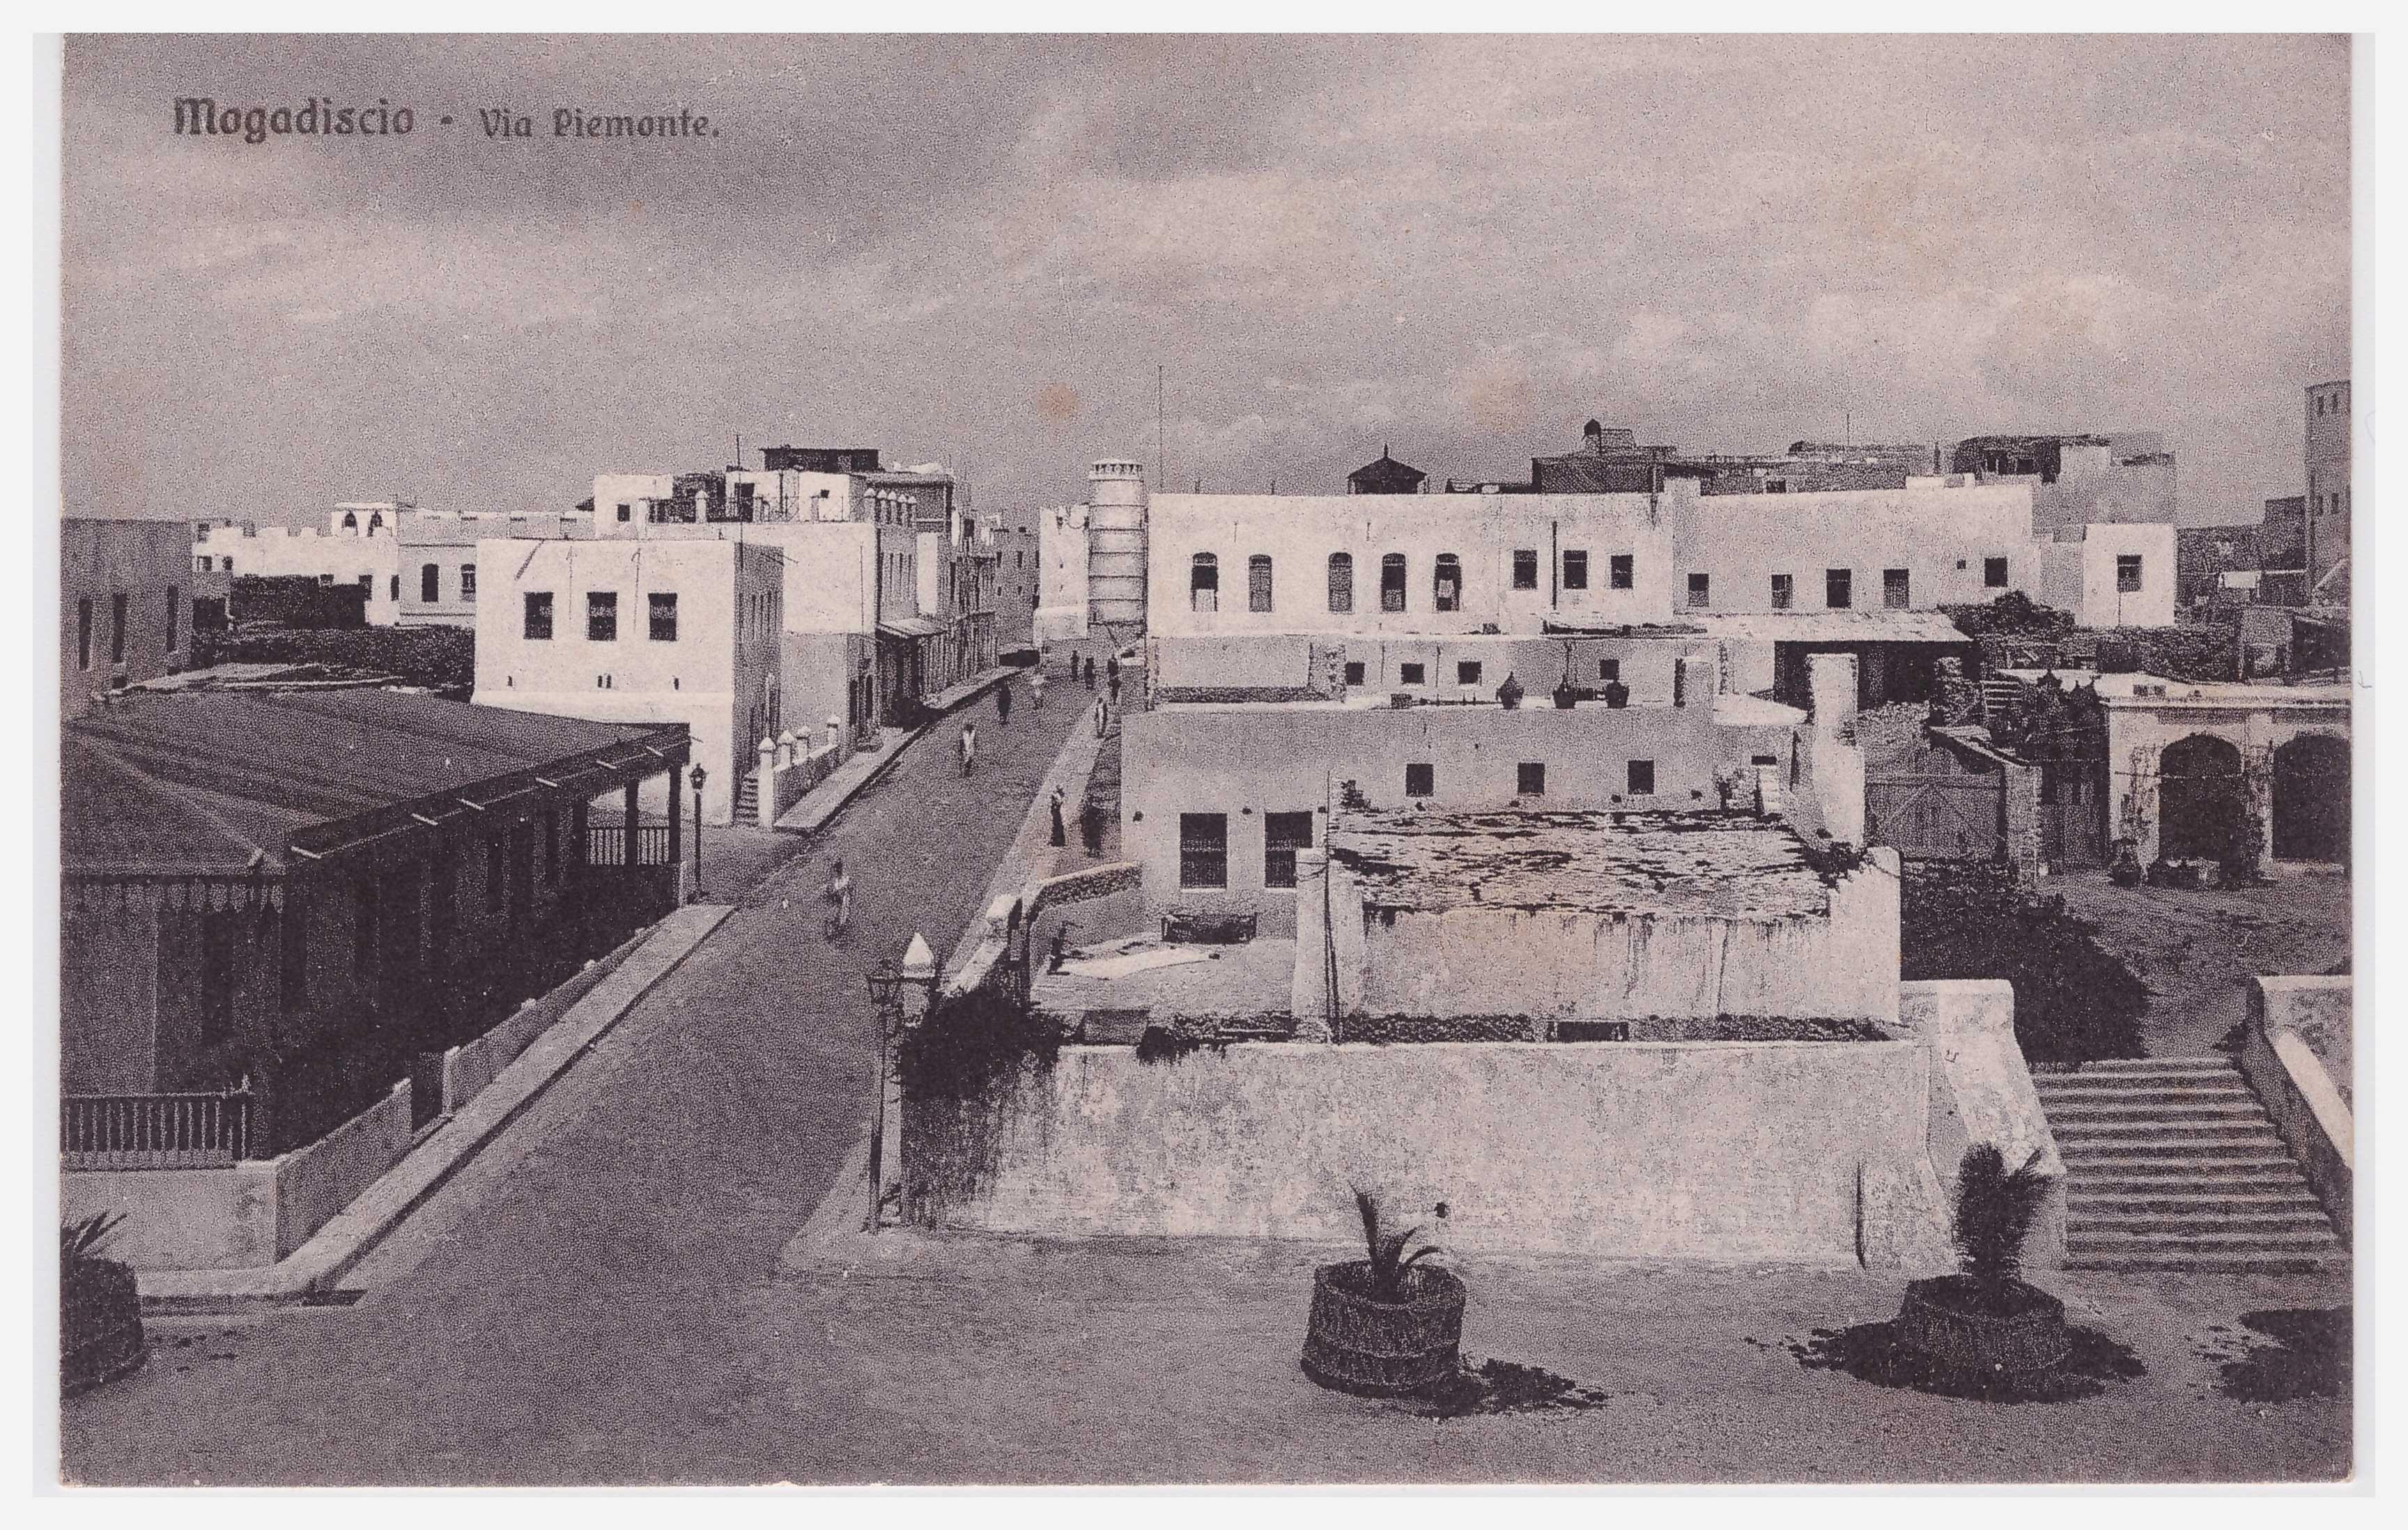 Hope In Somalia >> Mogadishu: Images from the Past | A cartographic and photographic record of Mogadishu, Somalia ...